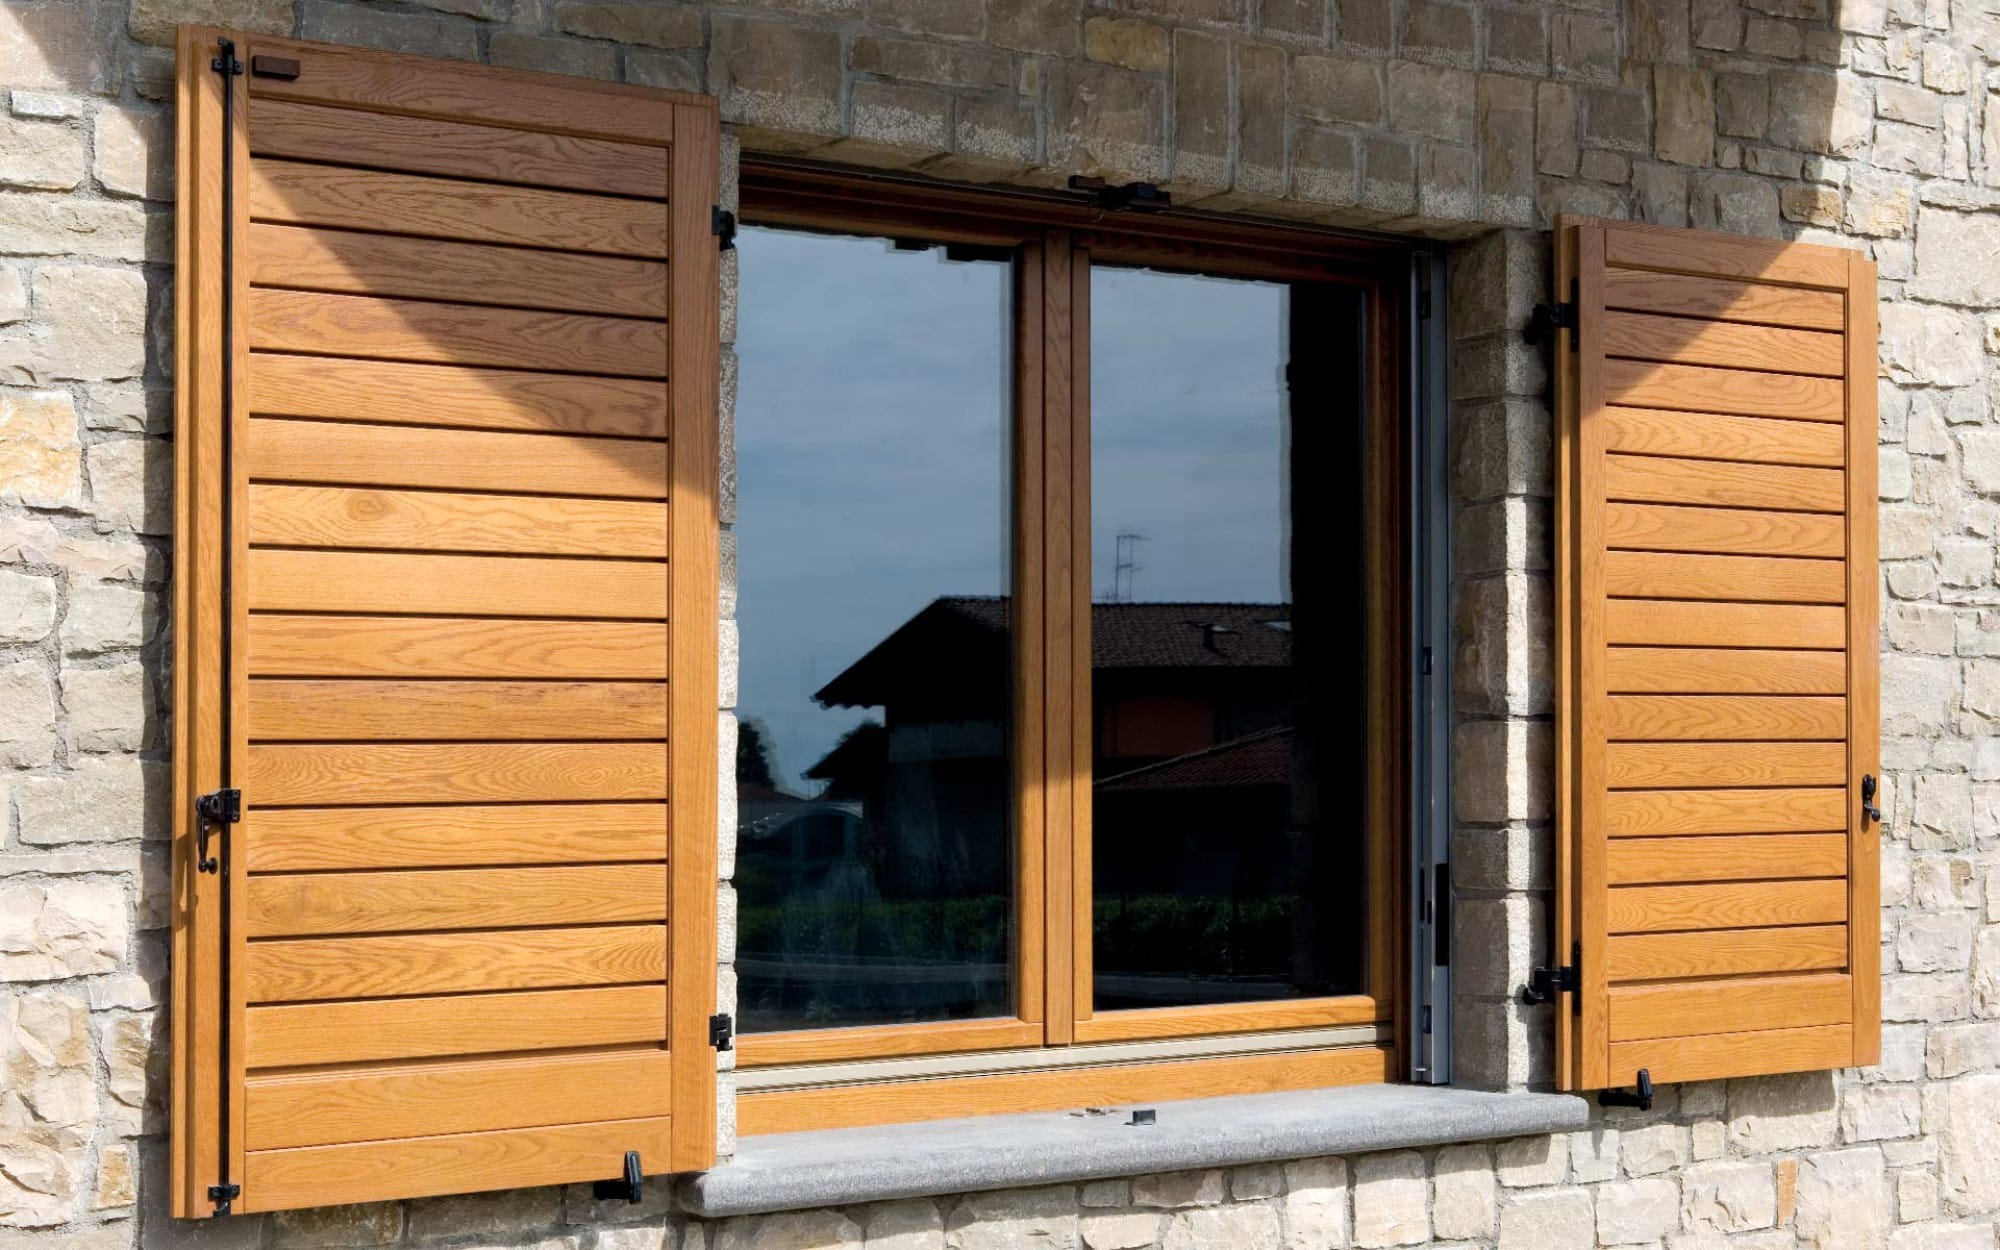 corbetta-serramenti-persiane-in-legno